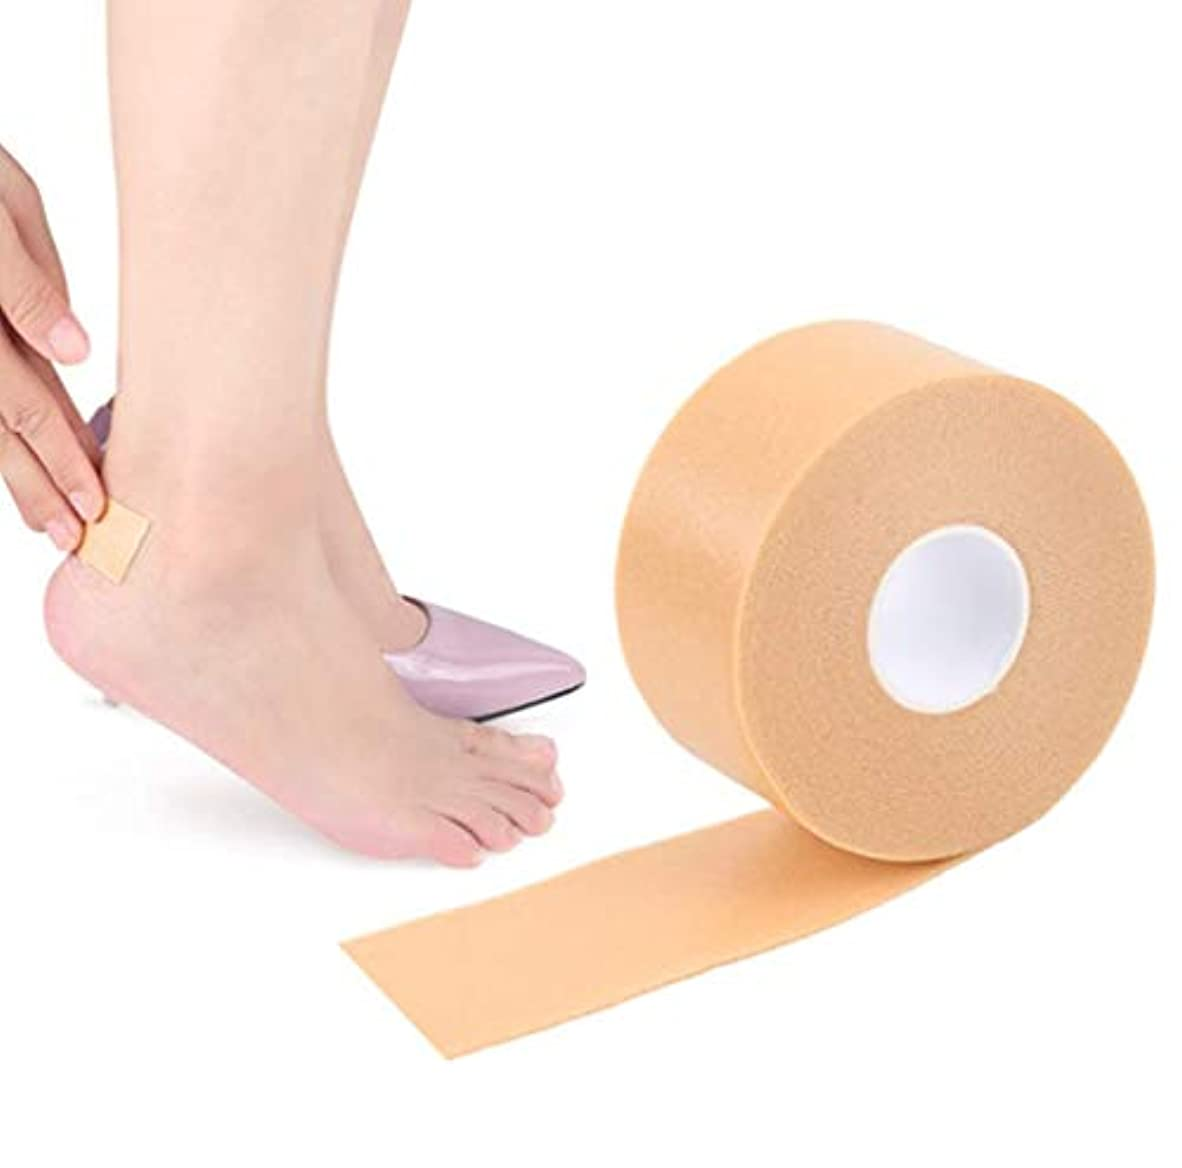 樫の木進捗人工的な靴ずれ予防テープ 靴擦れ防止 靴ズレ防止 かかと パッド フットヒールステッカーテープ 防水素材 足用保護パッド 足痛み軽減 耐摩耗 痛み緩和 滑り止め 粘着 かかとパッド テープ 通気 男女兼用 (1個入り)